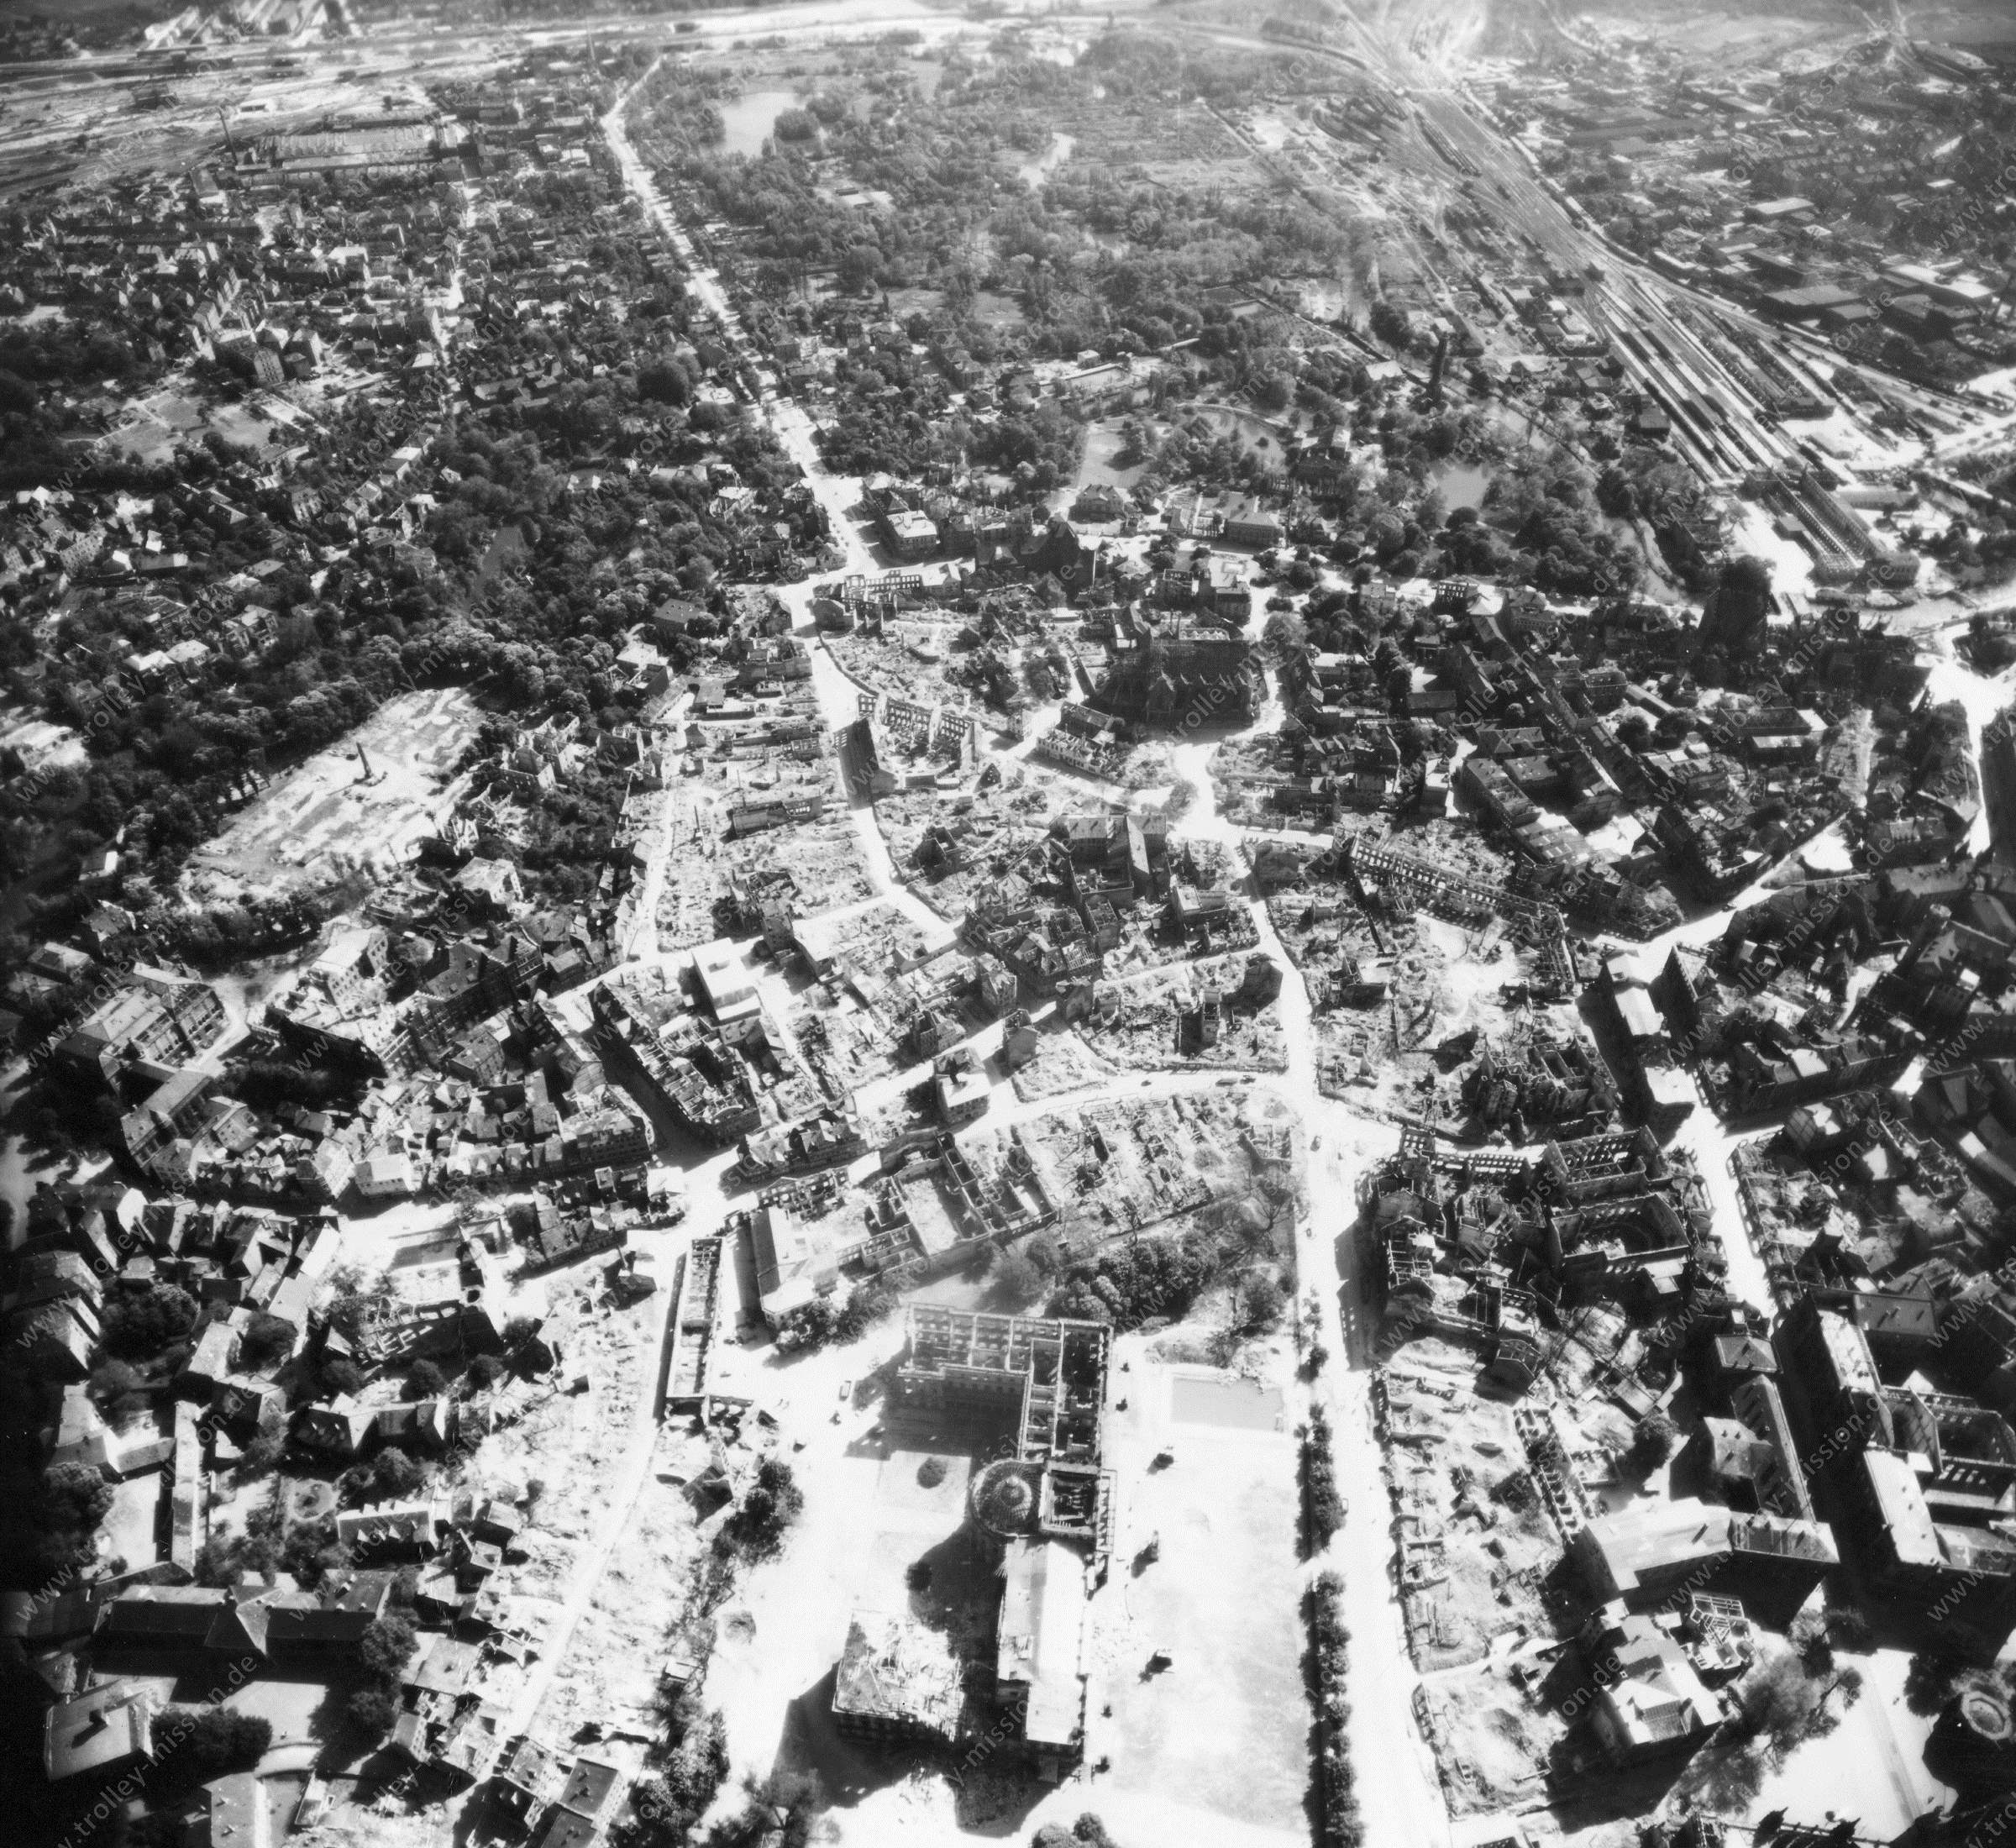 Luftbild von Braunschweig am 12. Mai 1945 - Luftbildserie 8/11 der US Air Force